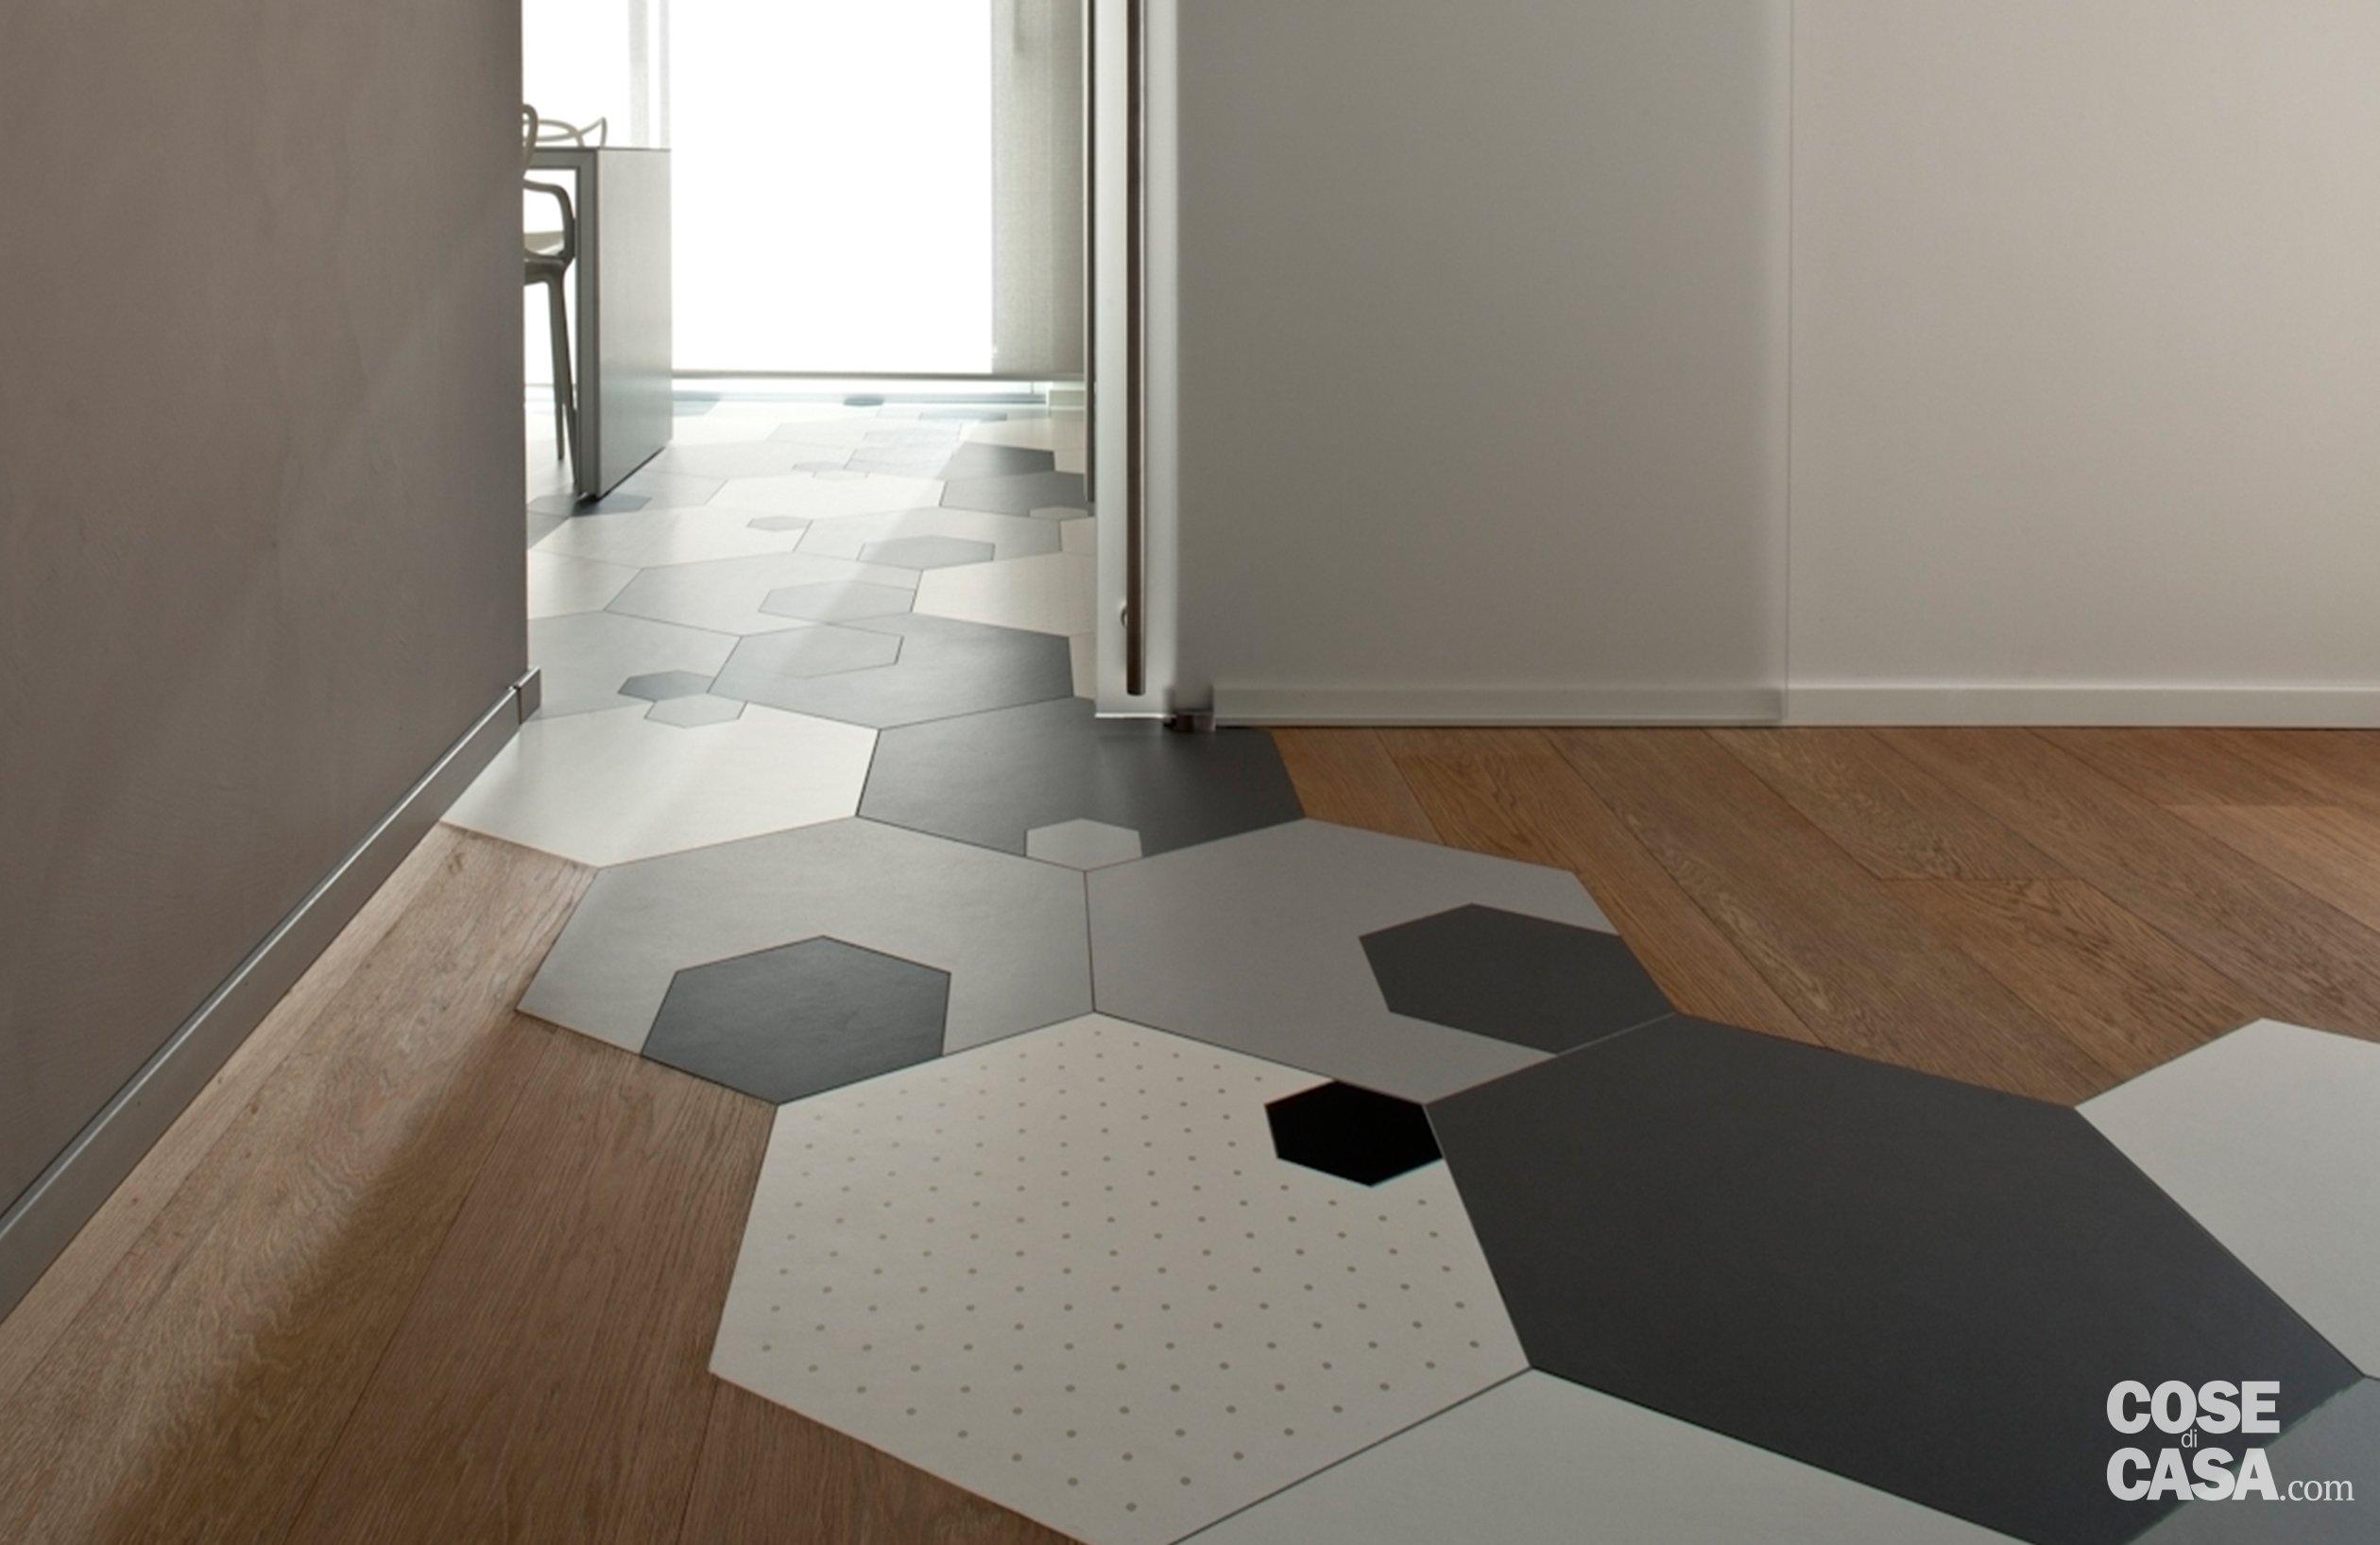 Piastrelle Esagonali Bianche : Soluzioni da copiare nella casa con percorso di piastrelle esagonali